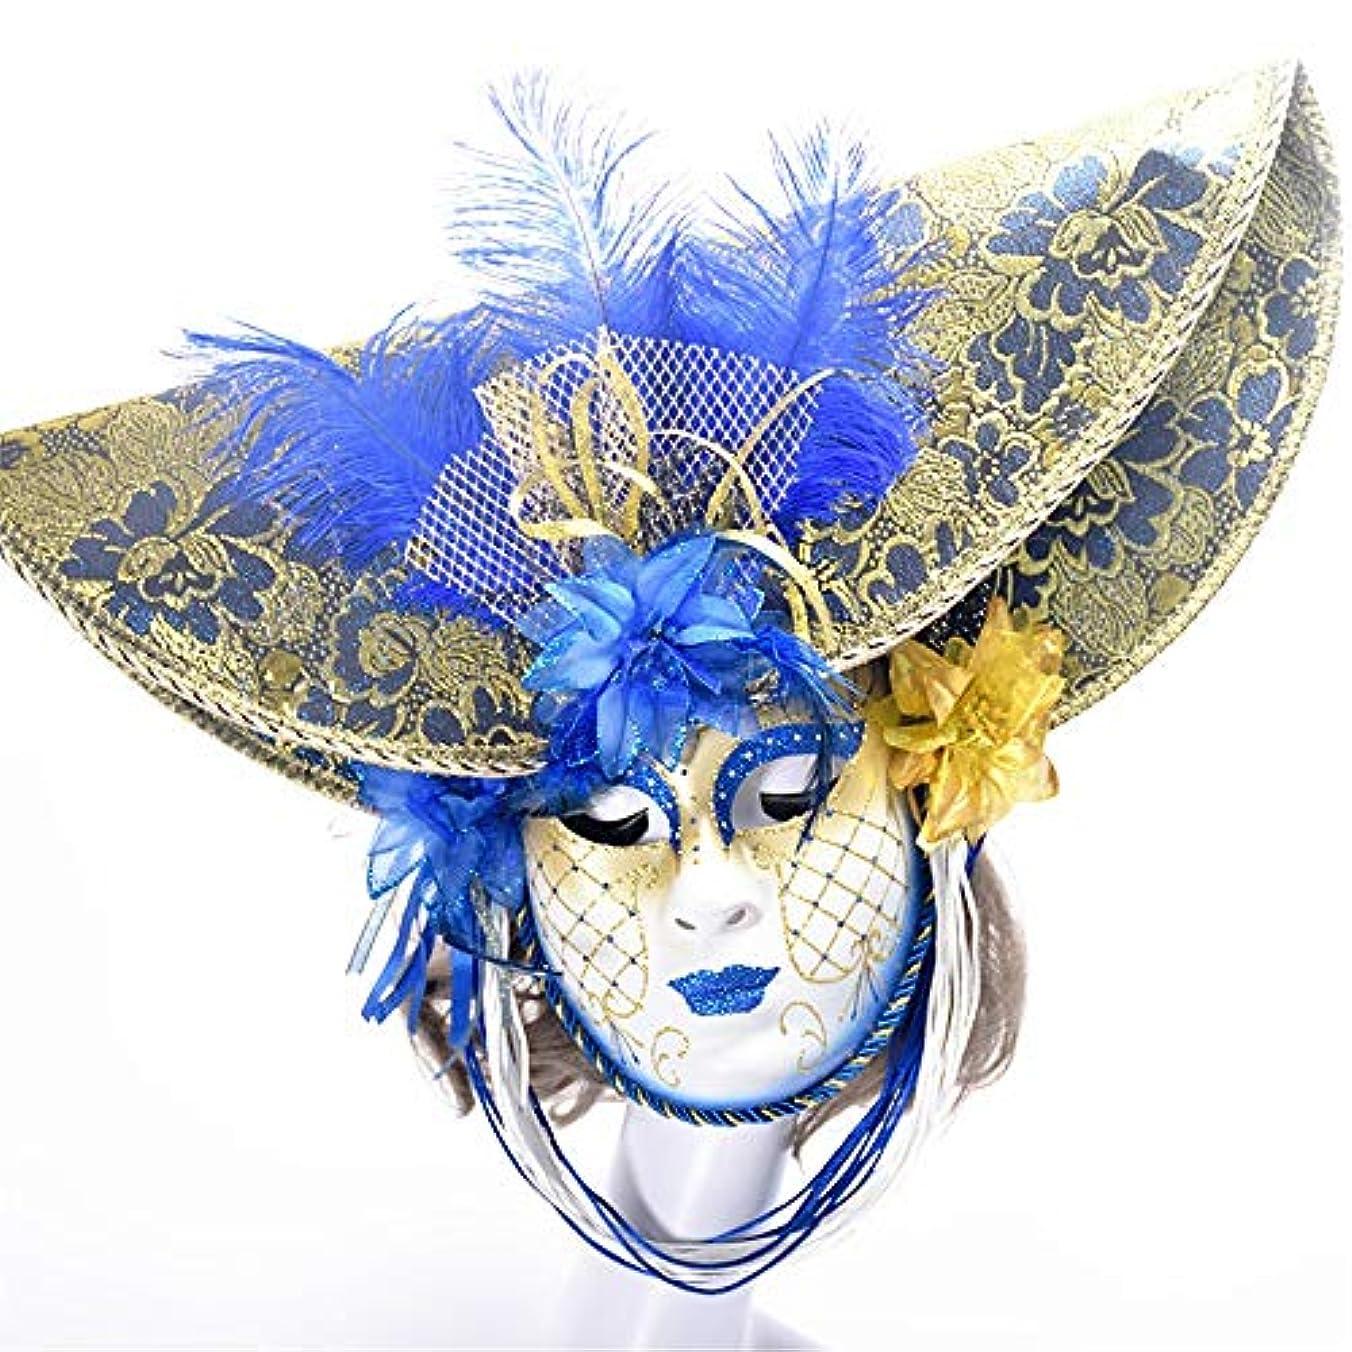 ポーク勇気立ち寄るダンスマスク 手描きフルフェイスマスク大人仮装パーティーブルーフェイスナイトクラブパーティーフェスティバルロールプレイングプラスチックマスク ホリデーパーティー用品 (色 : 青, サイズ : 55x35cm)